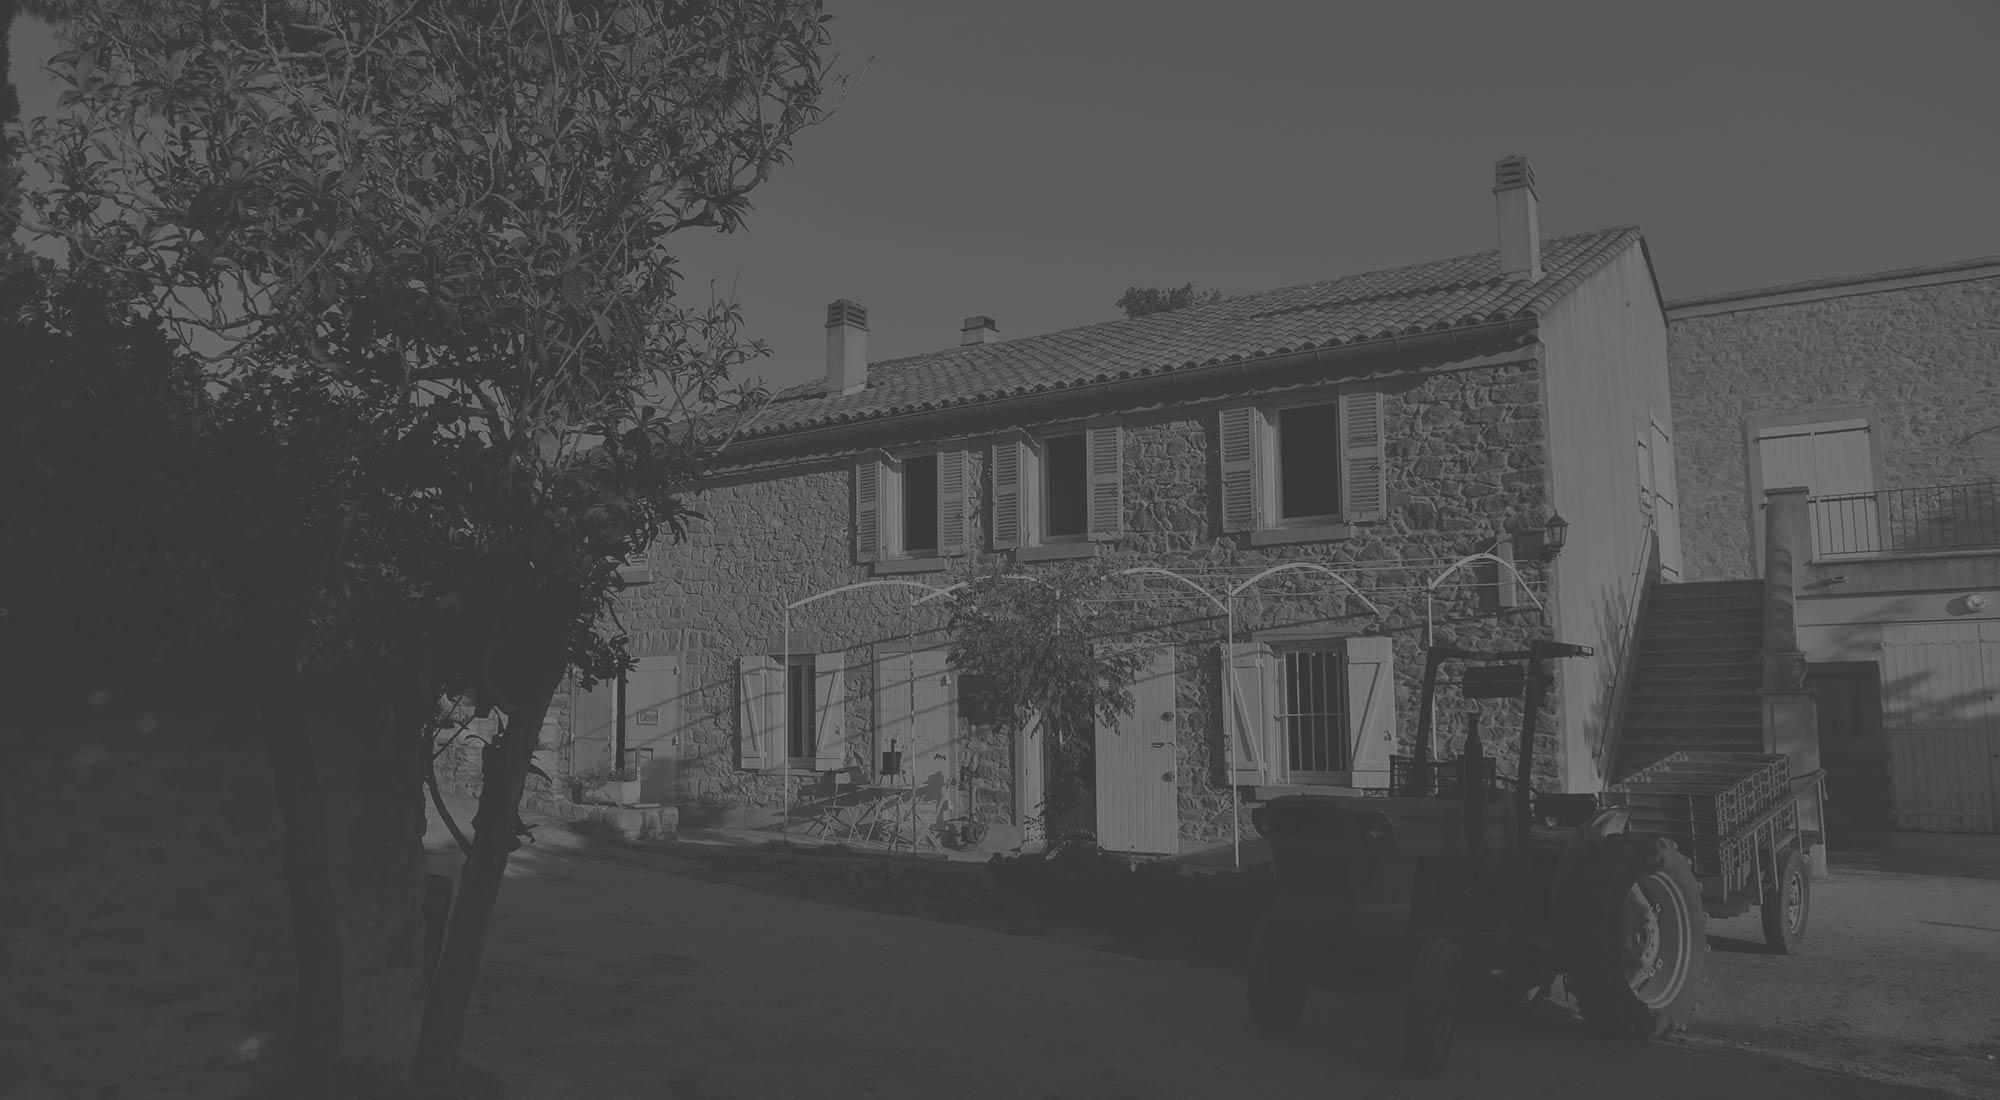 tracteur-lafran-veyrolles-black